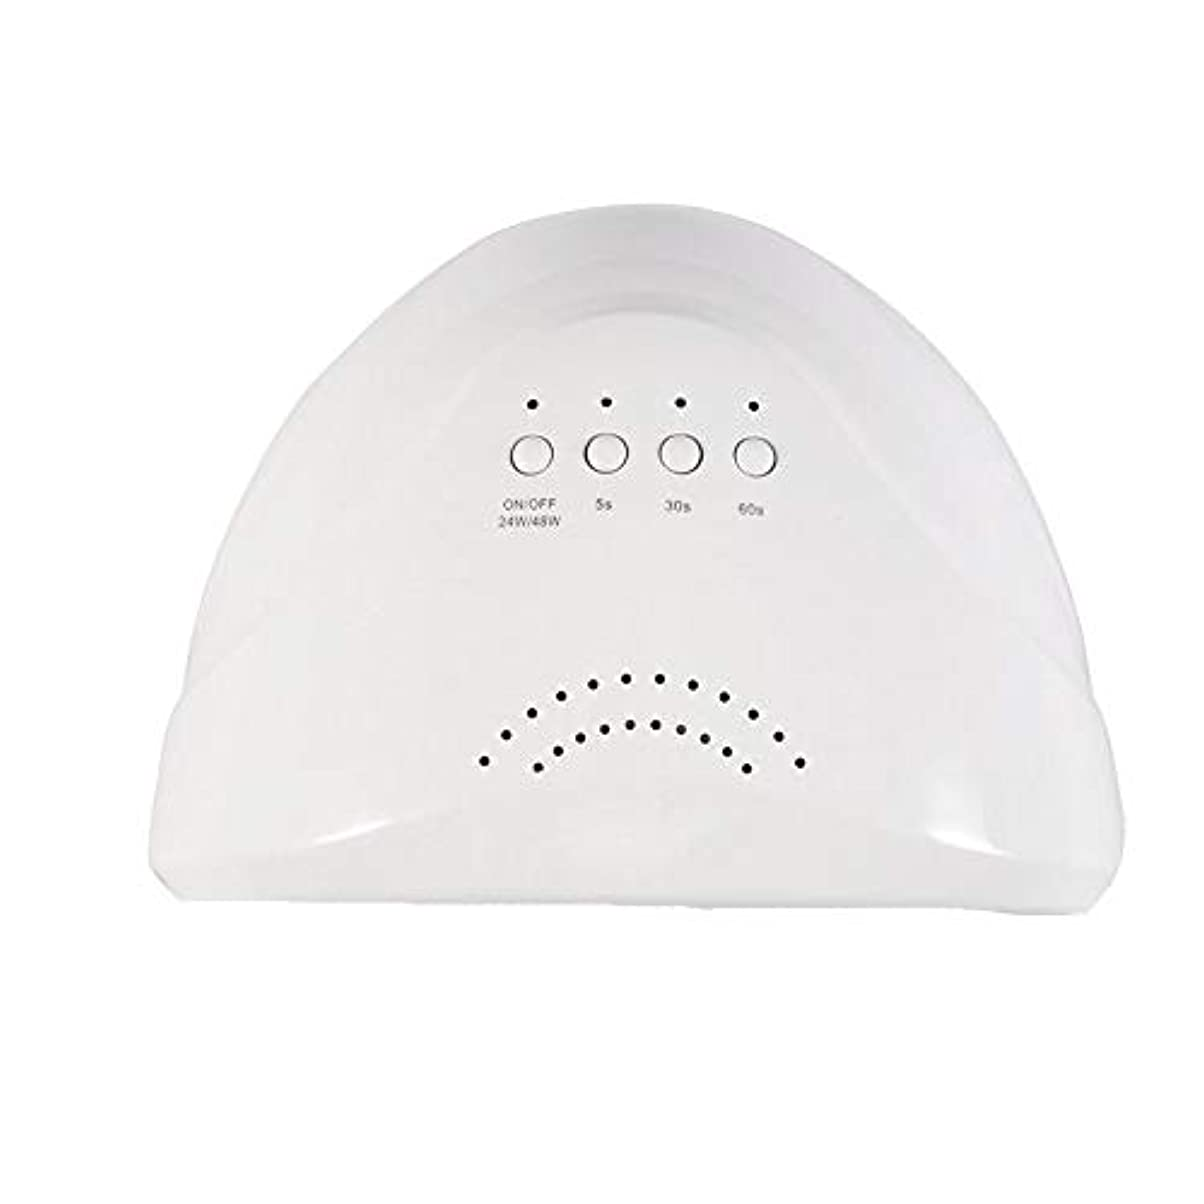 類推オアシスすごいYESONEEP ネイルランプドライヤー太陽光療法機UV Led光線療法ランプ48ワット誘導ネイルランプライトマニキュアツール (Size : 48W)